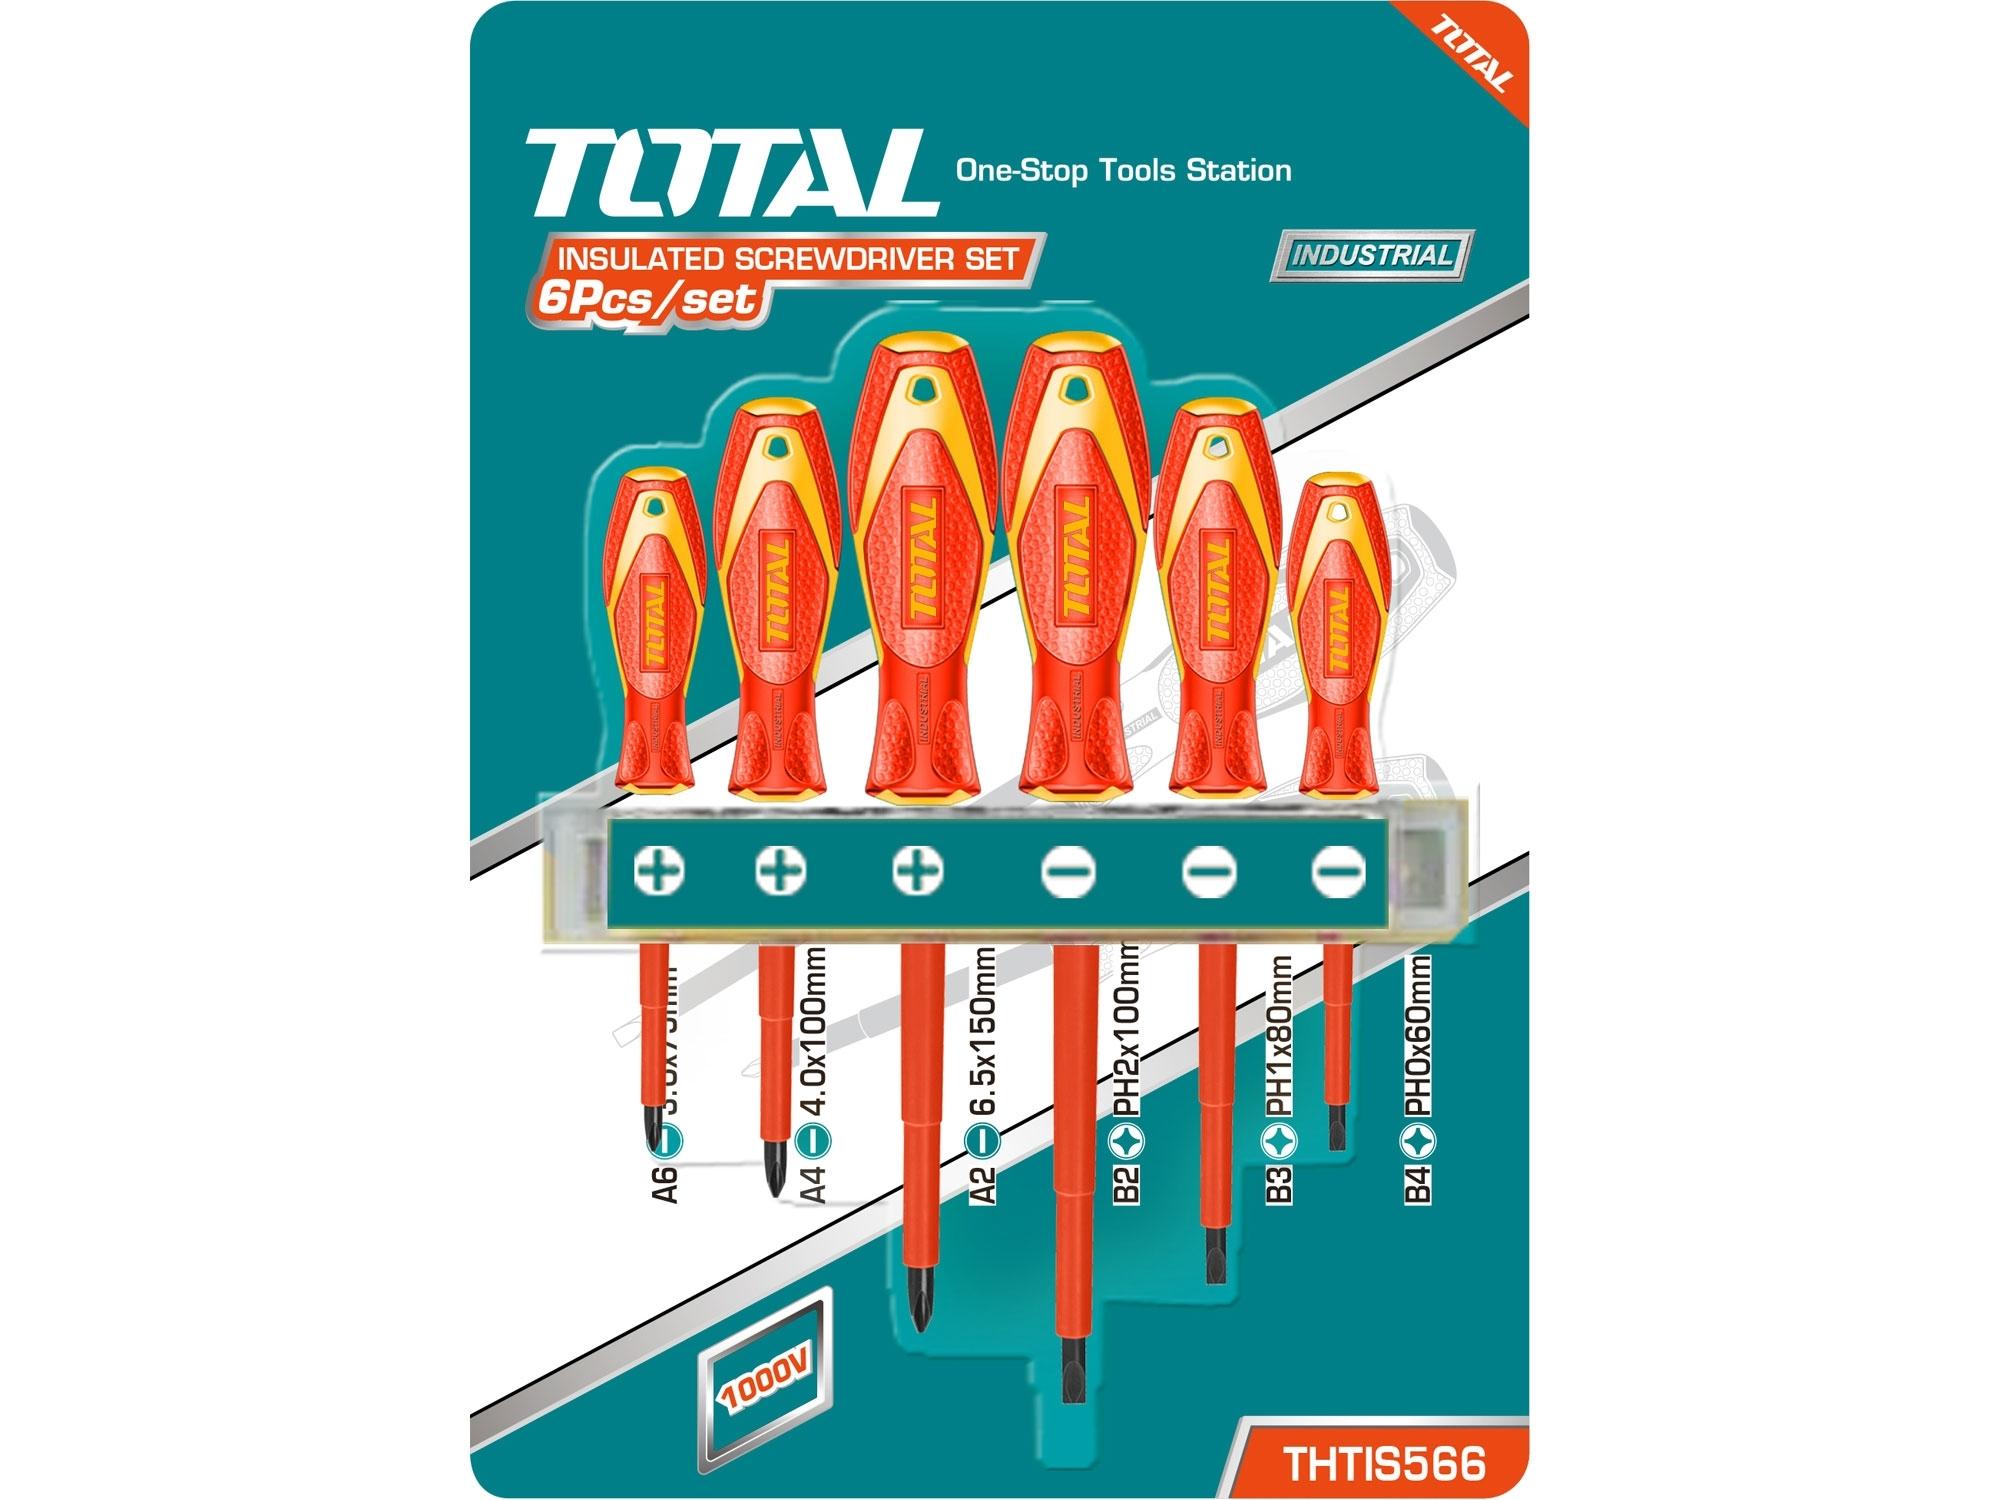 TOTAL THTIS566 šroubováky, sada 6ks, 1000V, VDE, industrial, (-) 3ks, PH 3ks, CrV